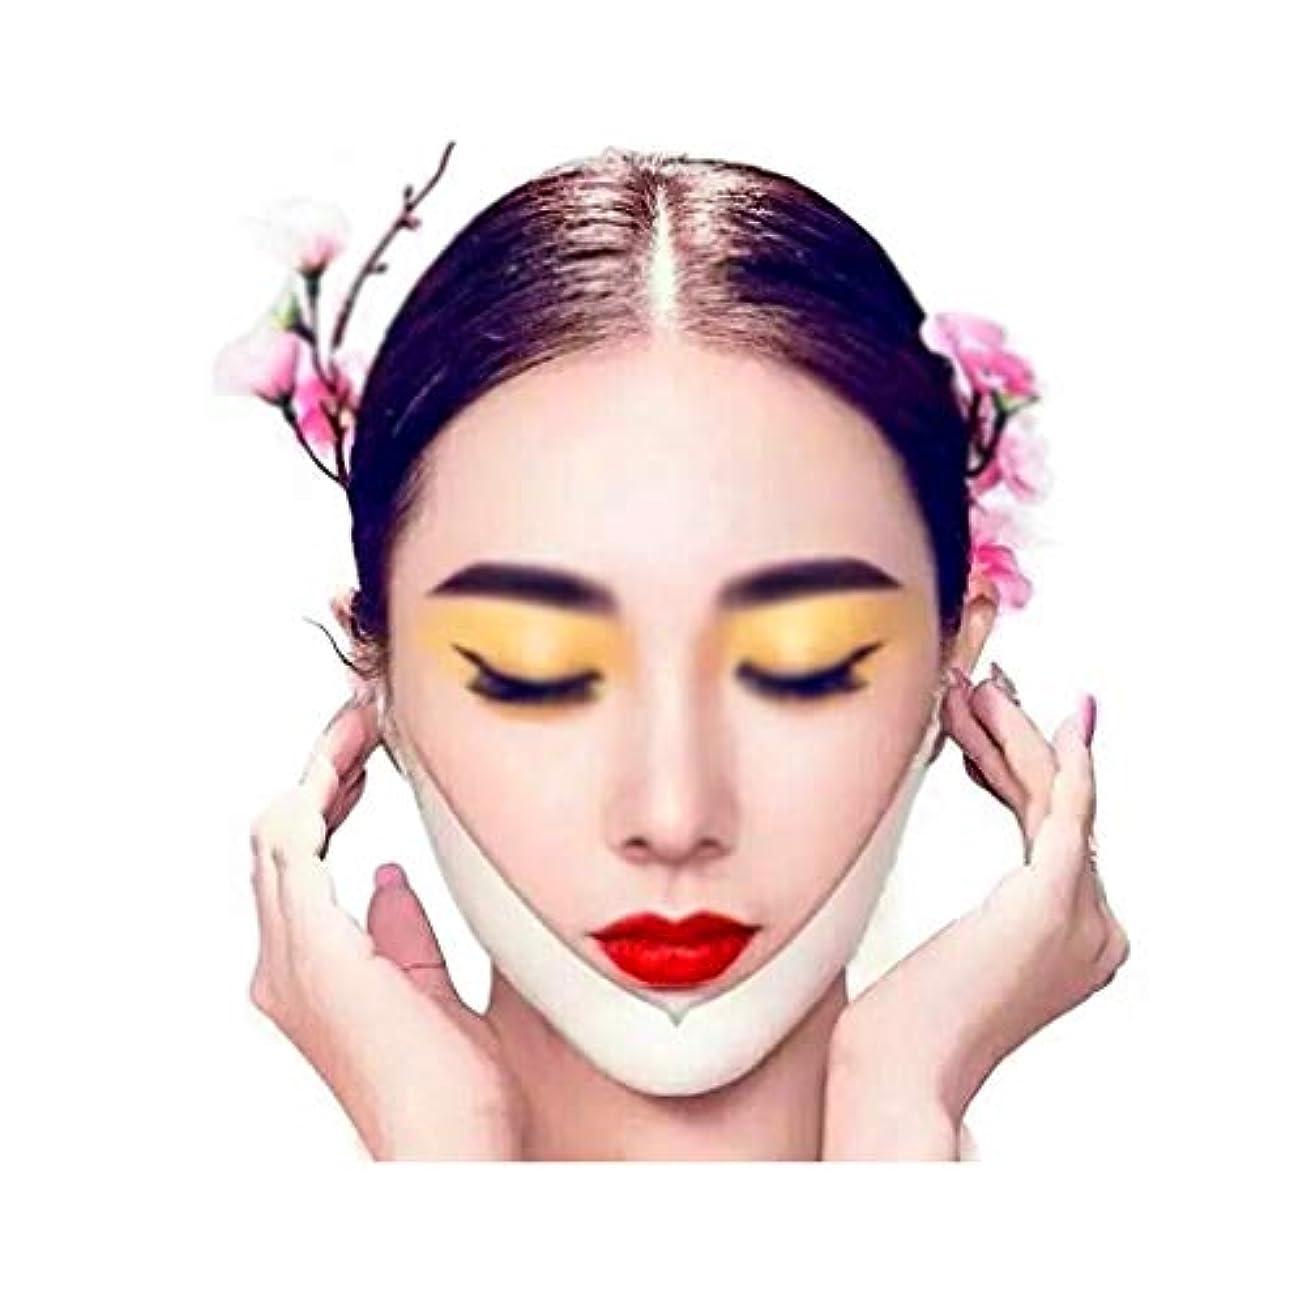 グリーンランドアイデア福祉XHLMRMJ 薄い顔のマスク、Vの顔の包帯、下顎の咬筋のあごを改善して顔のラインを形作る、5つのボックス、3つの顔のマスク